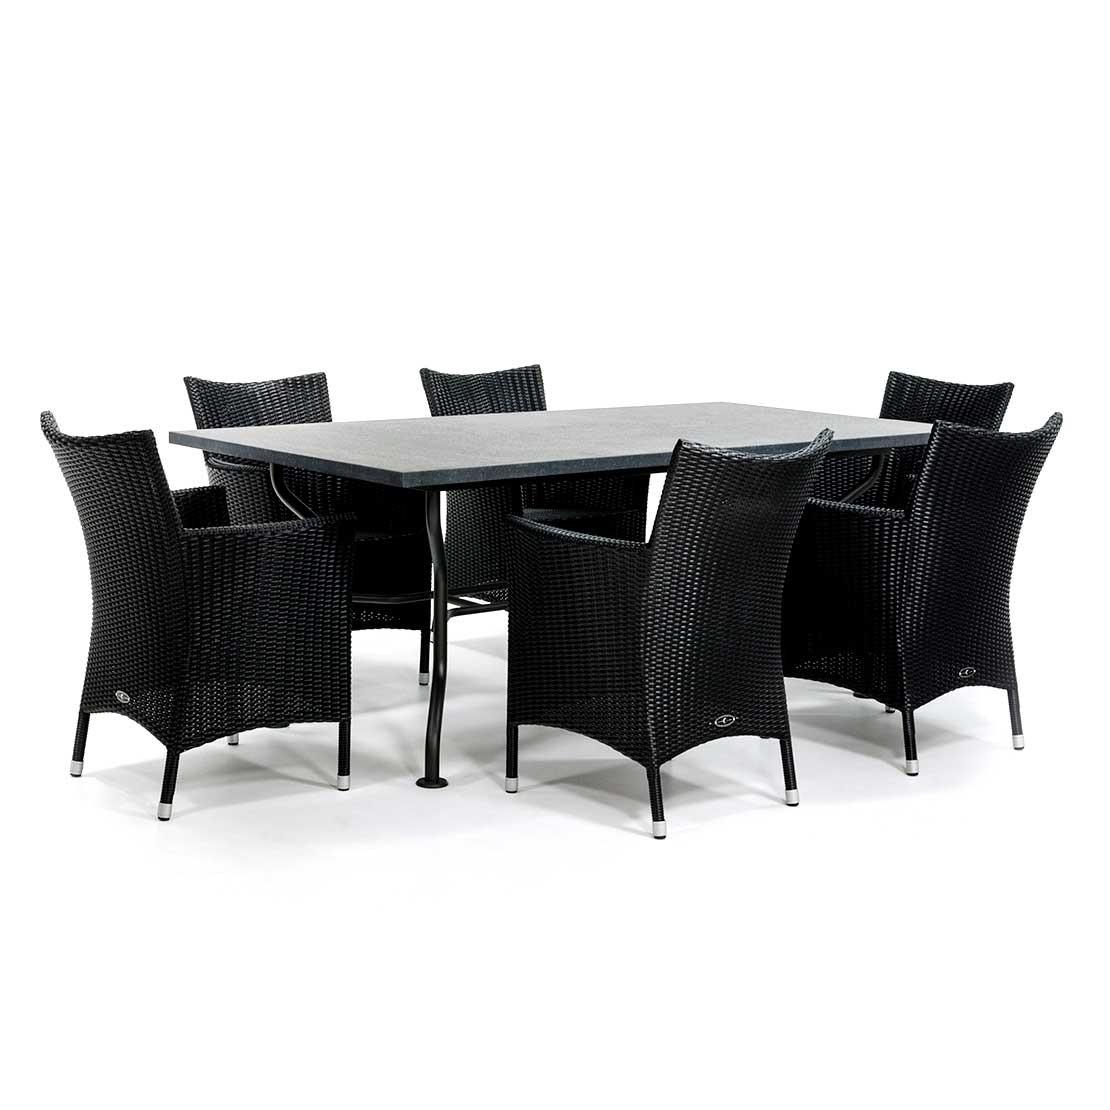 Basalt tuintafel met vlechtwerk stoelen